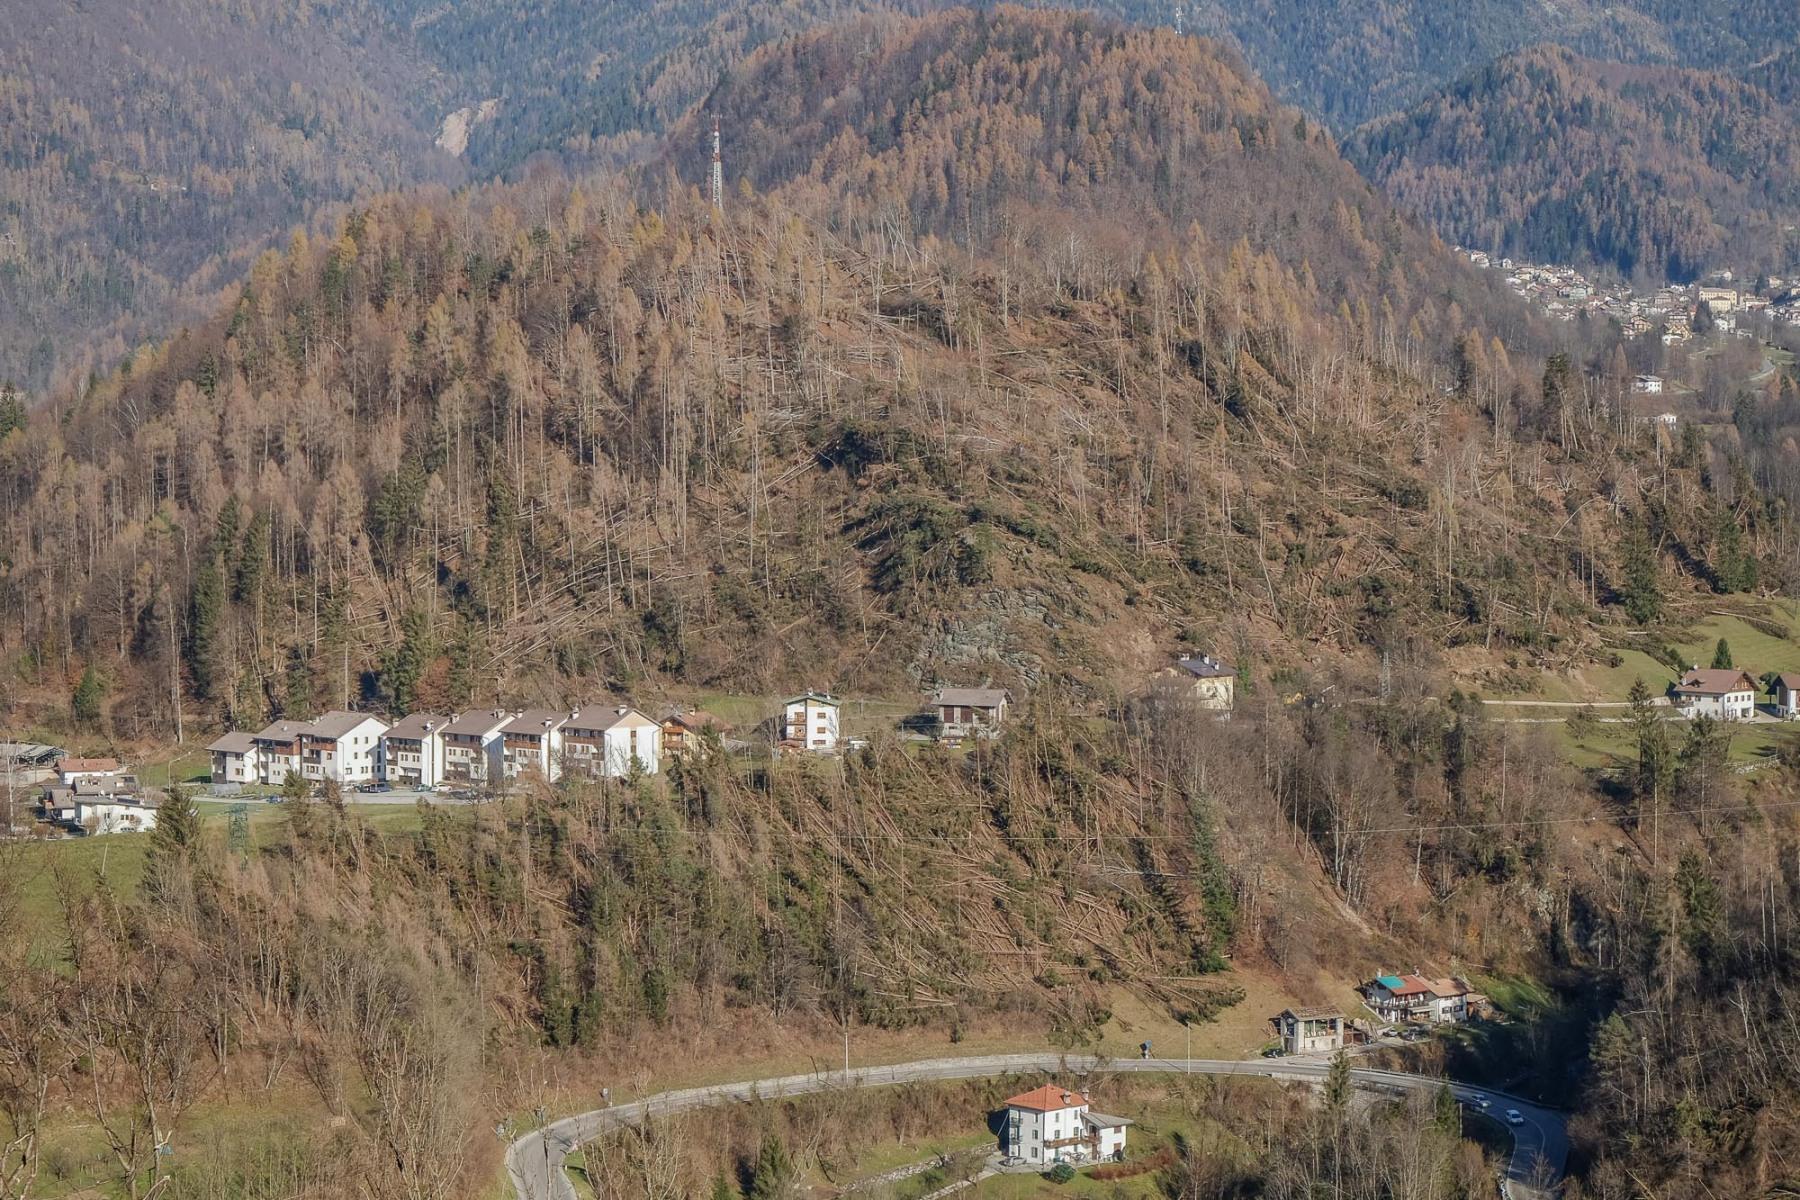 Provincia-Belluno-2018.-Tra-il-29-e-il-30-ottobre-2018-una-forte-ondata-eccezionale-di-maltempo-ha-sradicato-si-stima-14-milioni-di-alberi.